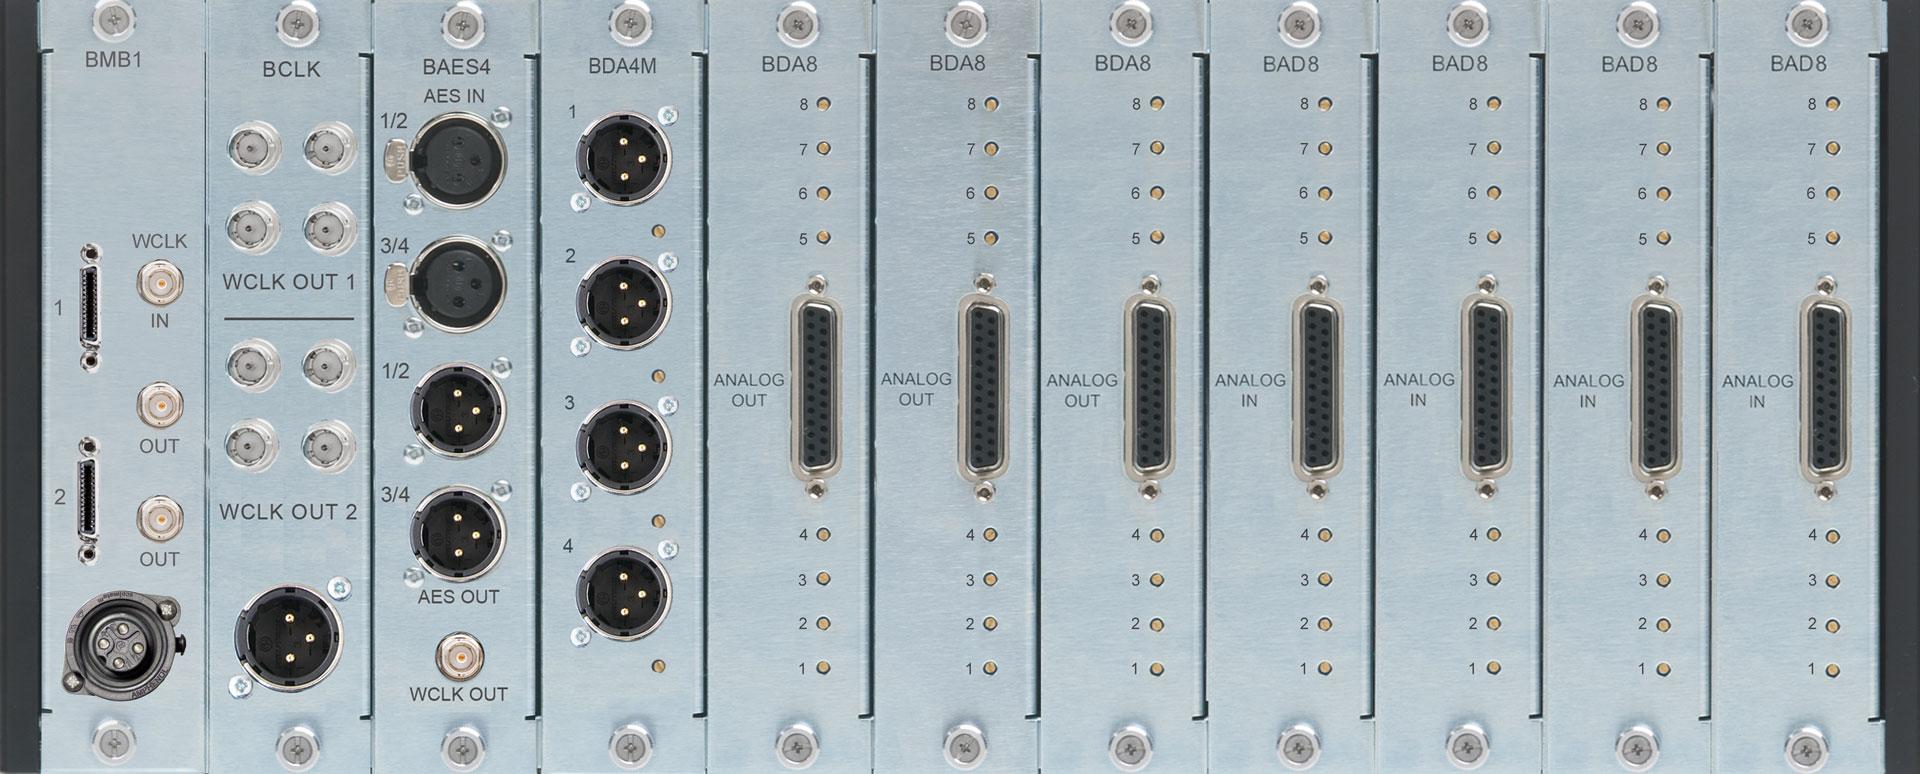 Burl Audio B80 Mothership_BMB1-BAD8-200224_Rear